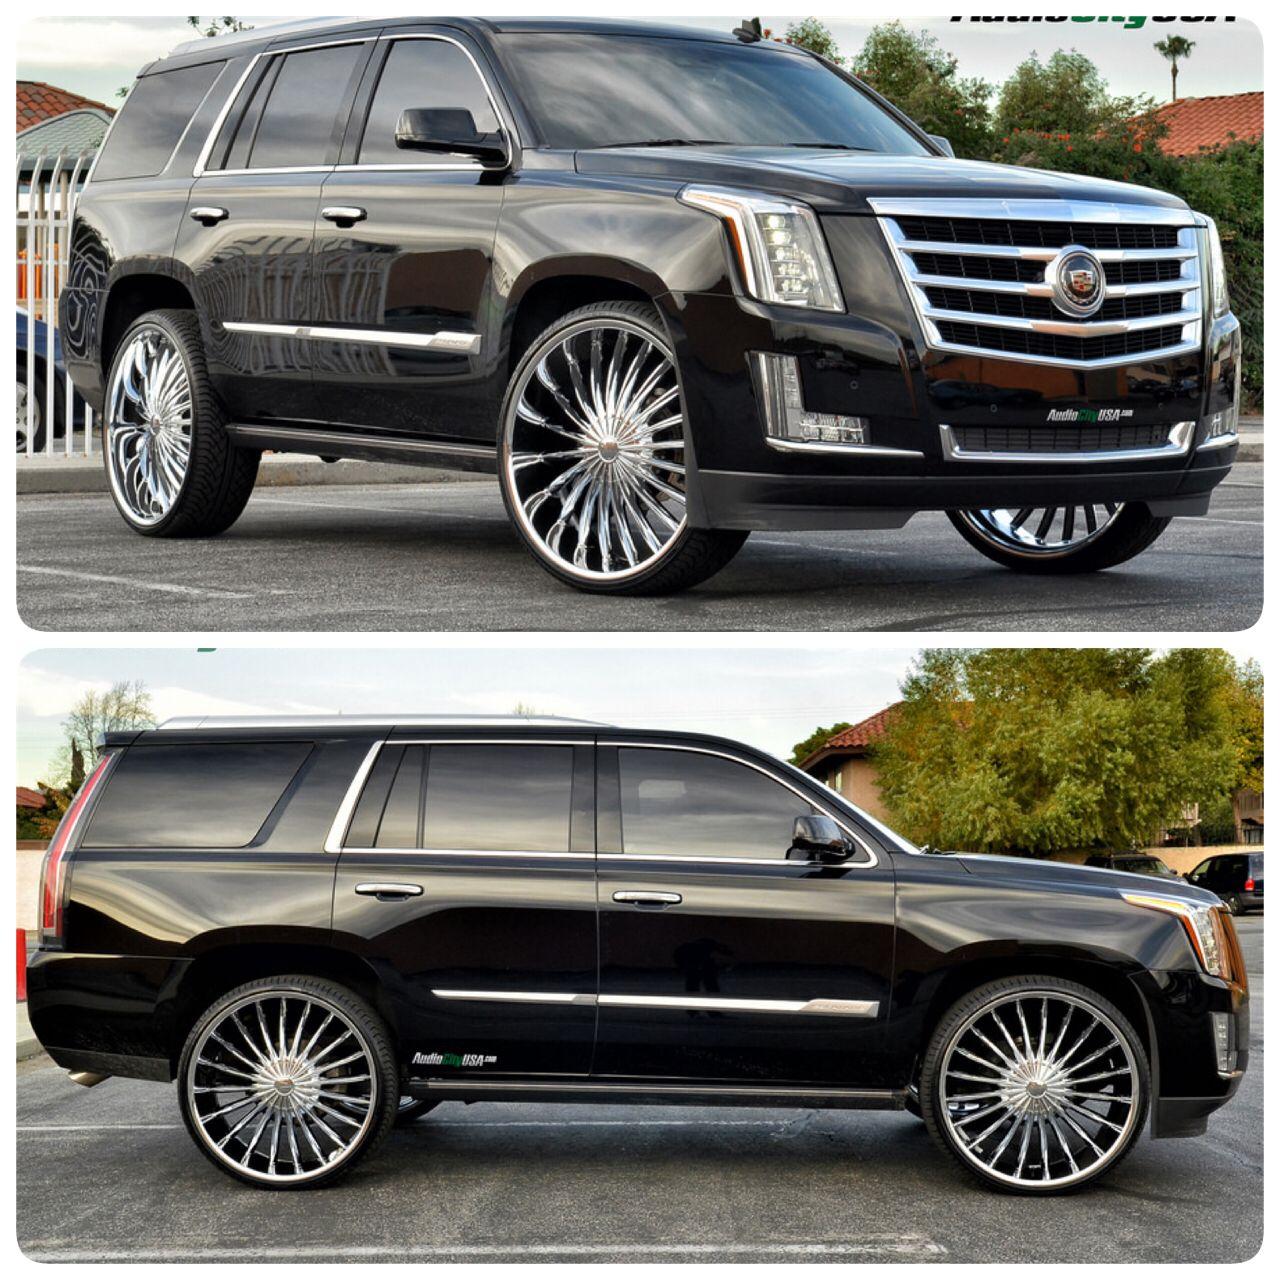 2014 Cadillac Escalade For Sale: Cadillac Escalade, Cadillac And Cars